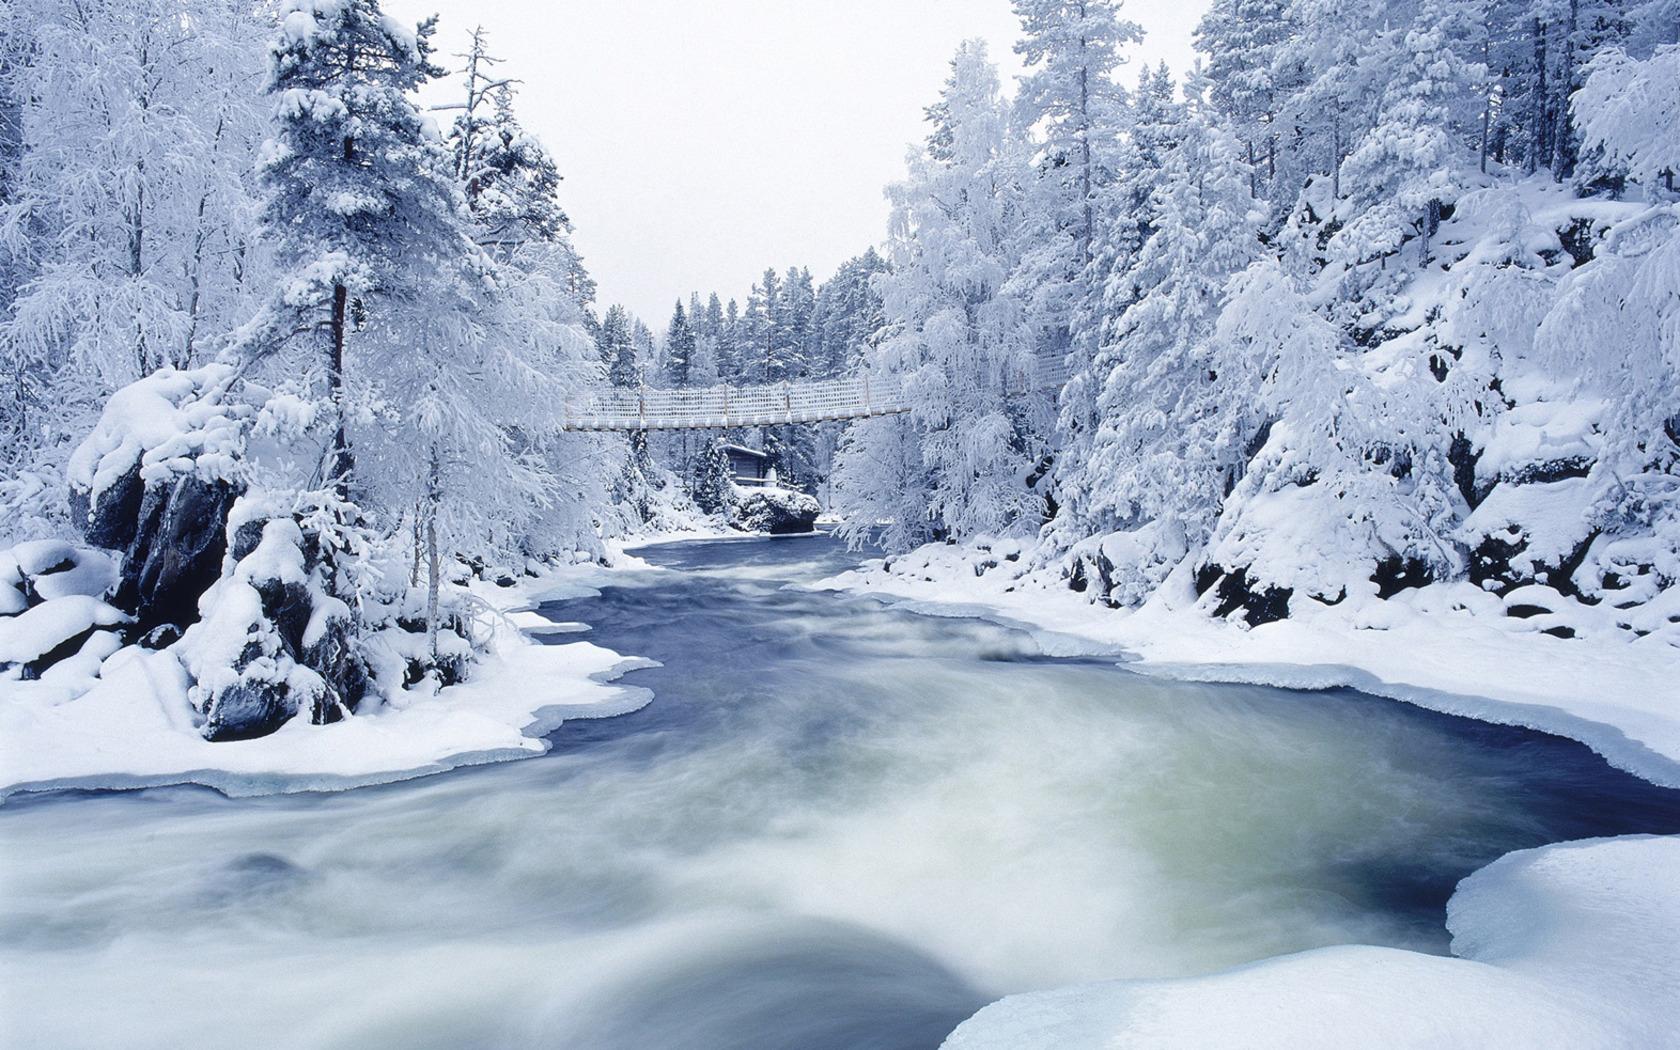 Widescreen Winter Wallpaper Sf Wallpaper